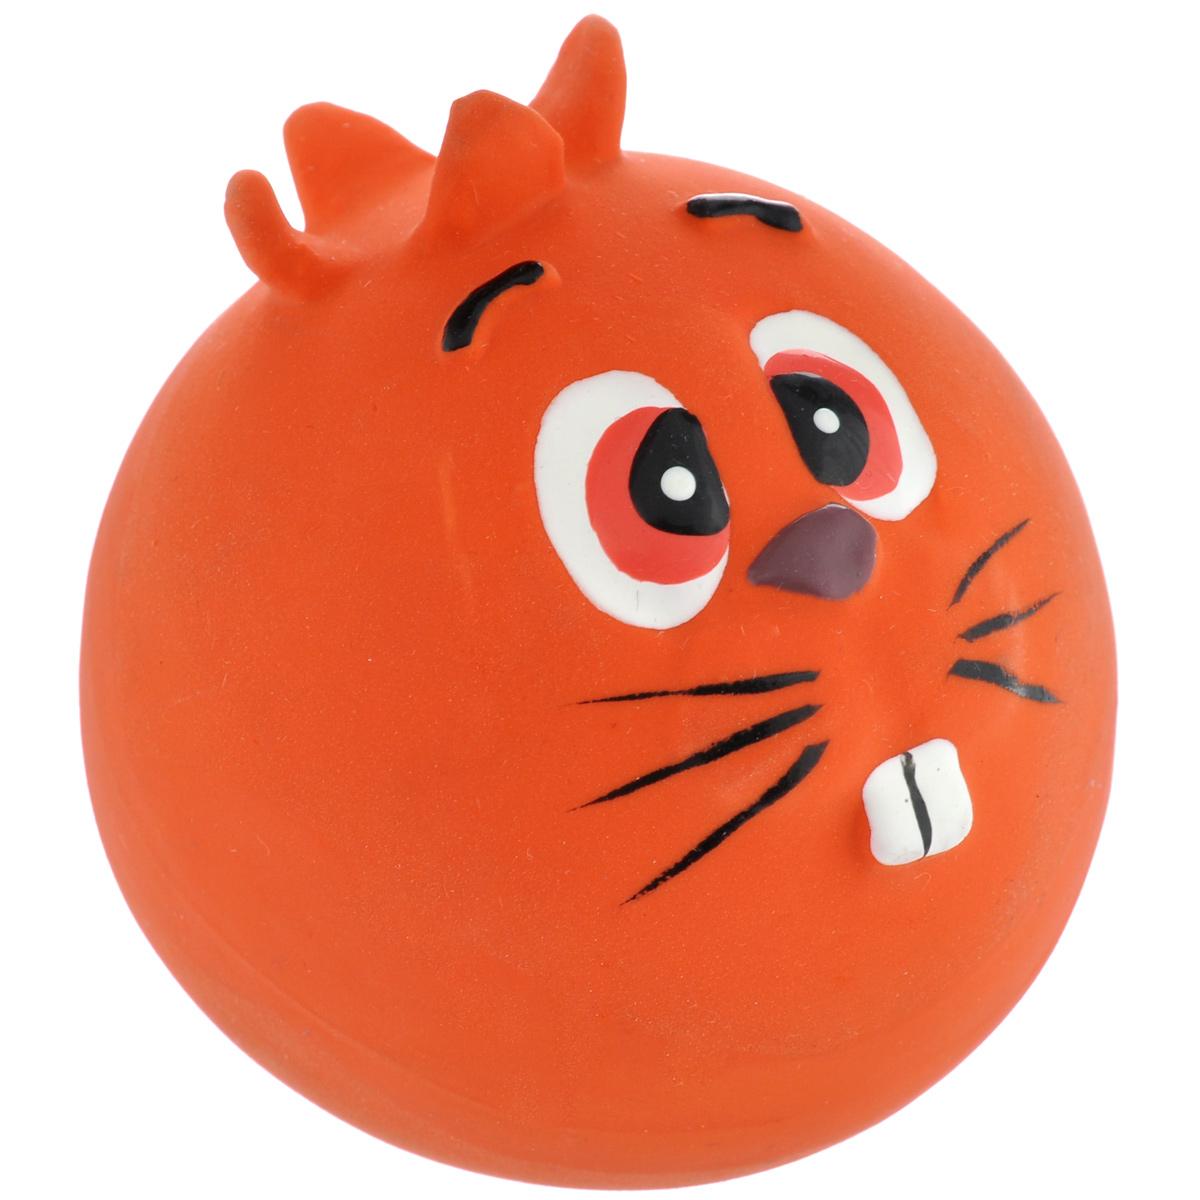 Игрушка для собак I.P.T.S. Мяч с мордочкой, цвет: красный, диаметр 7 см620560_красныйИгрушка для собак I.P.T.S. Мяч с мордочкой, изготовленная из высококачественного латекса, выполнена в виде мячика с милой мордочкой. Такая игрушка порадует вашего любимца, а вам доставит массу приятных эмоций, ведь наблюдать за игрой всегда интересно и приятно. Оставшись в одиночестве, ваша собака будет увлеченно играть. Диаметр: 7 см.